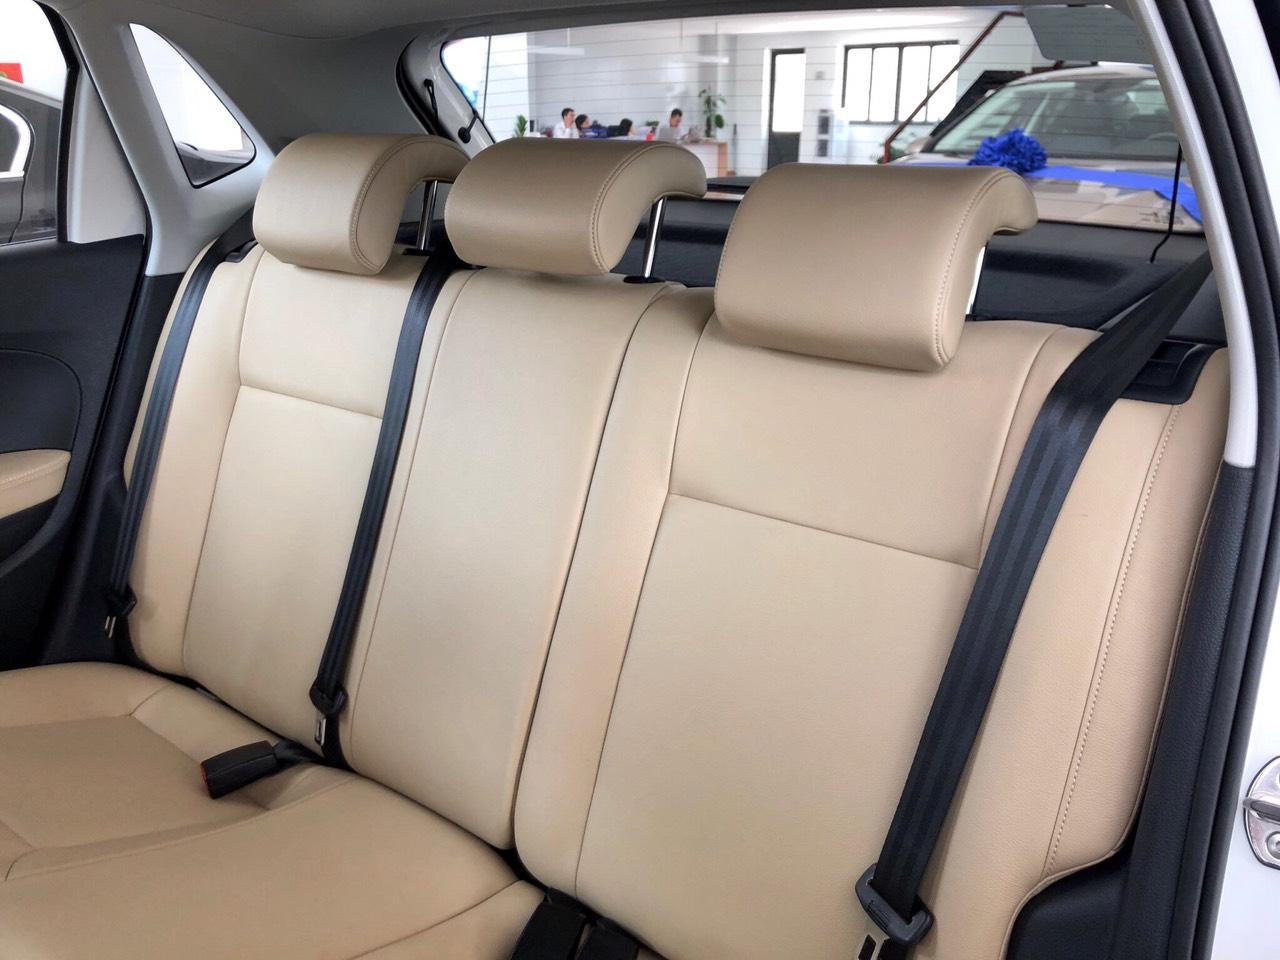 Volkswagen Polo Hatback - Vua dòng xe đô thị - Nhập khẩu nguyên chiếc 2020